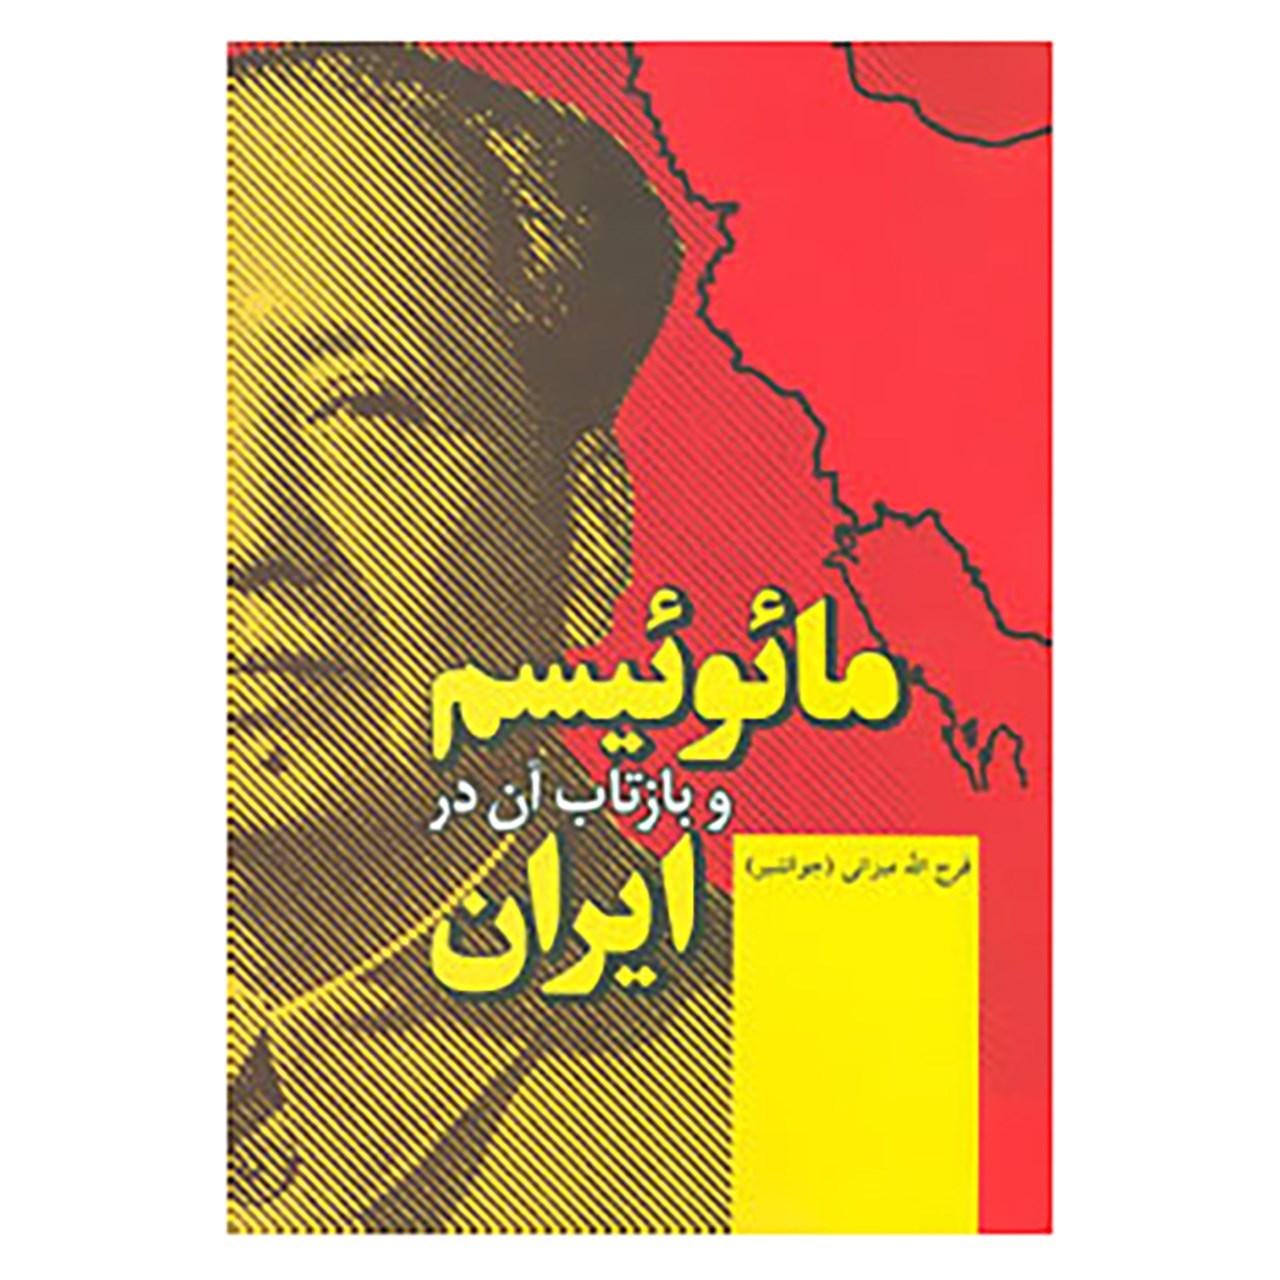 کتاب مائوئیسم و بازتاب آن در ایران اثر فرج الله میزانی